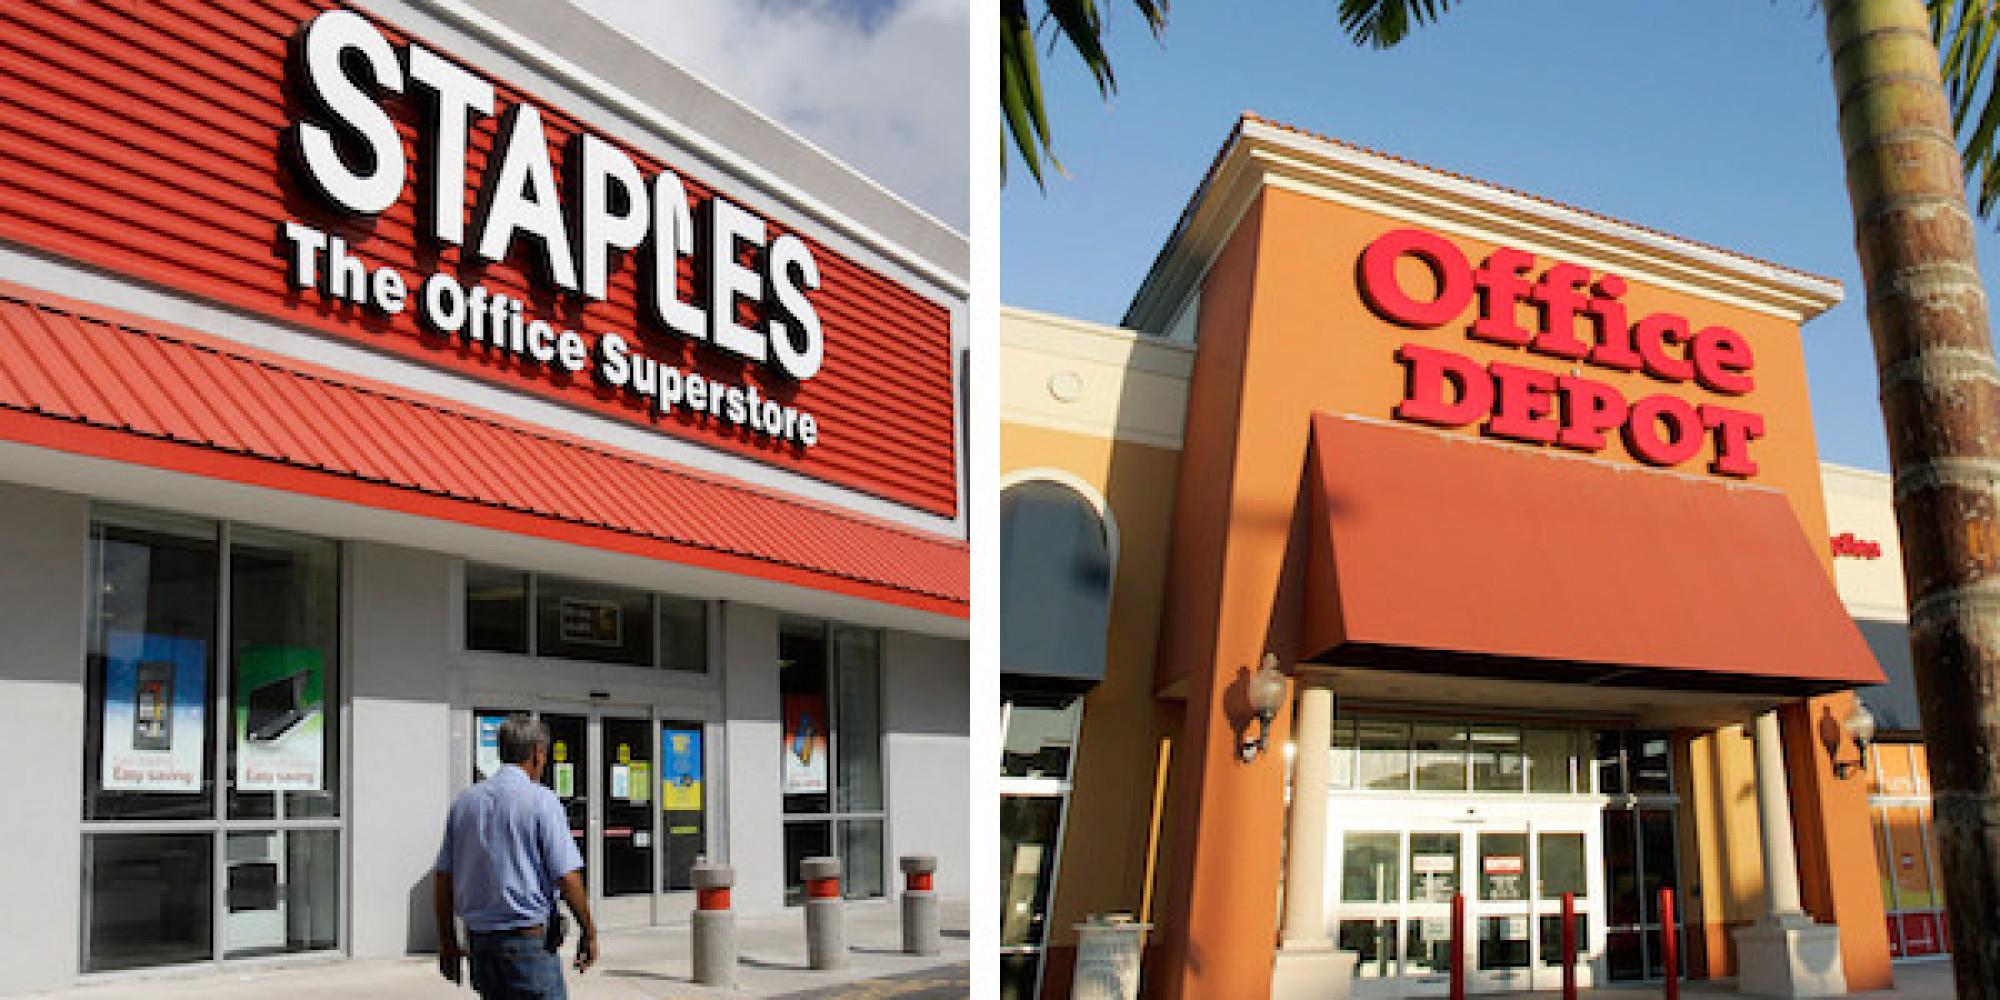 Staples Office Depot In Advanced Merger Talks Wsj Huffpost